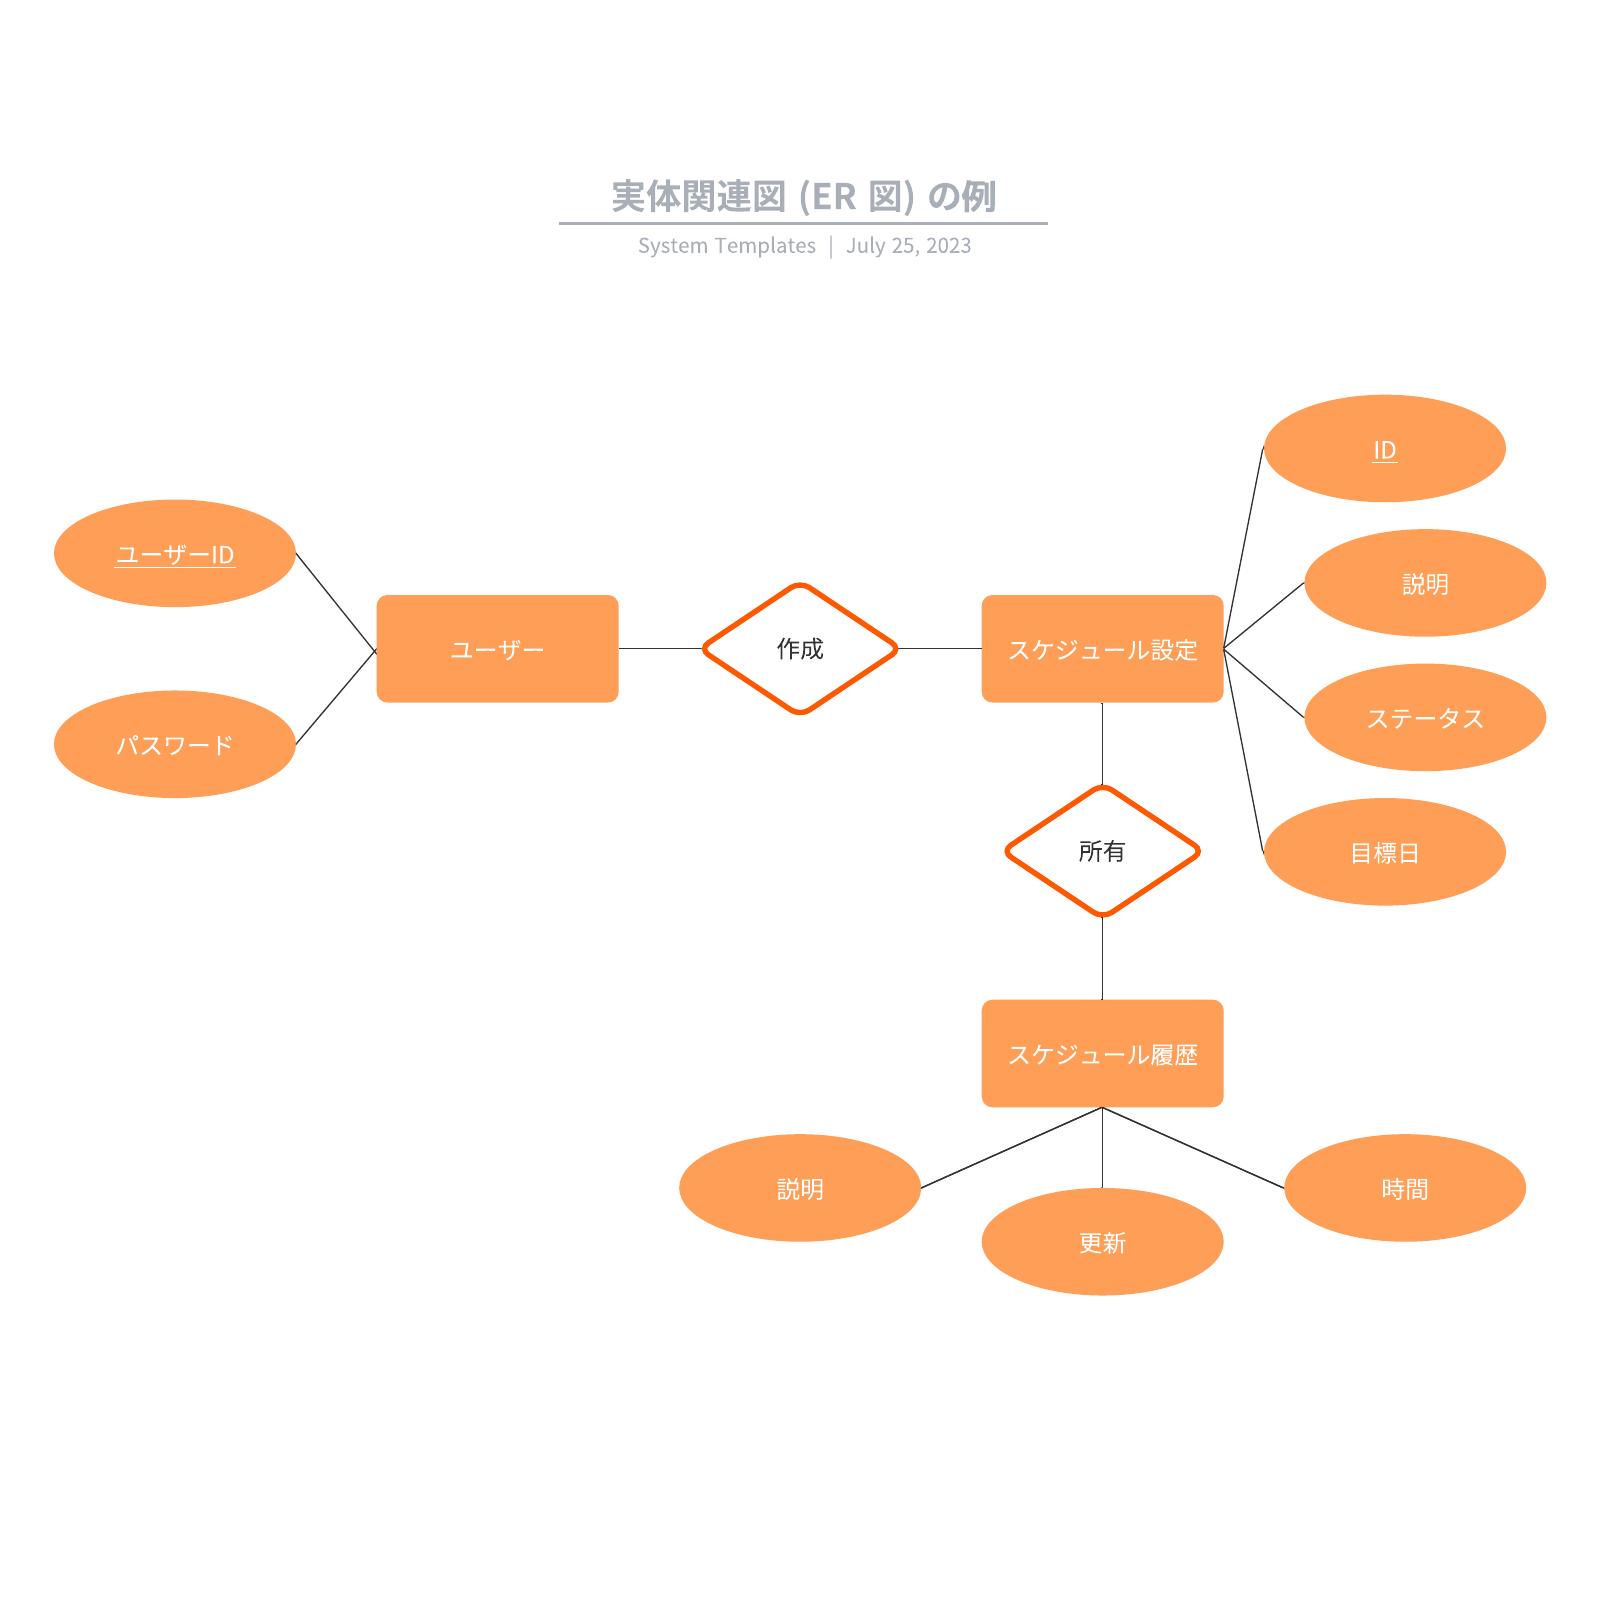 実体関連図 (ER 図) の例テンプレート